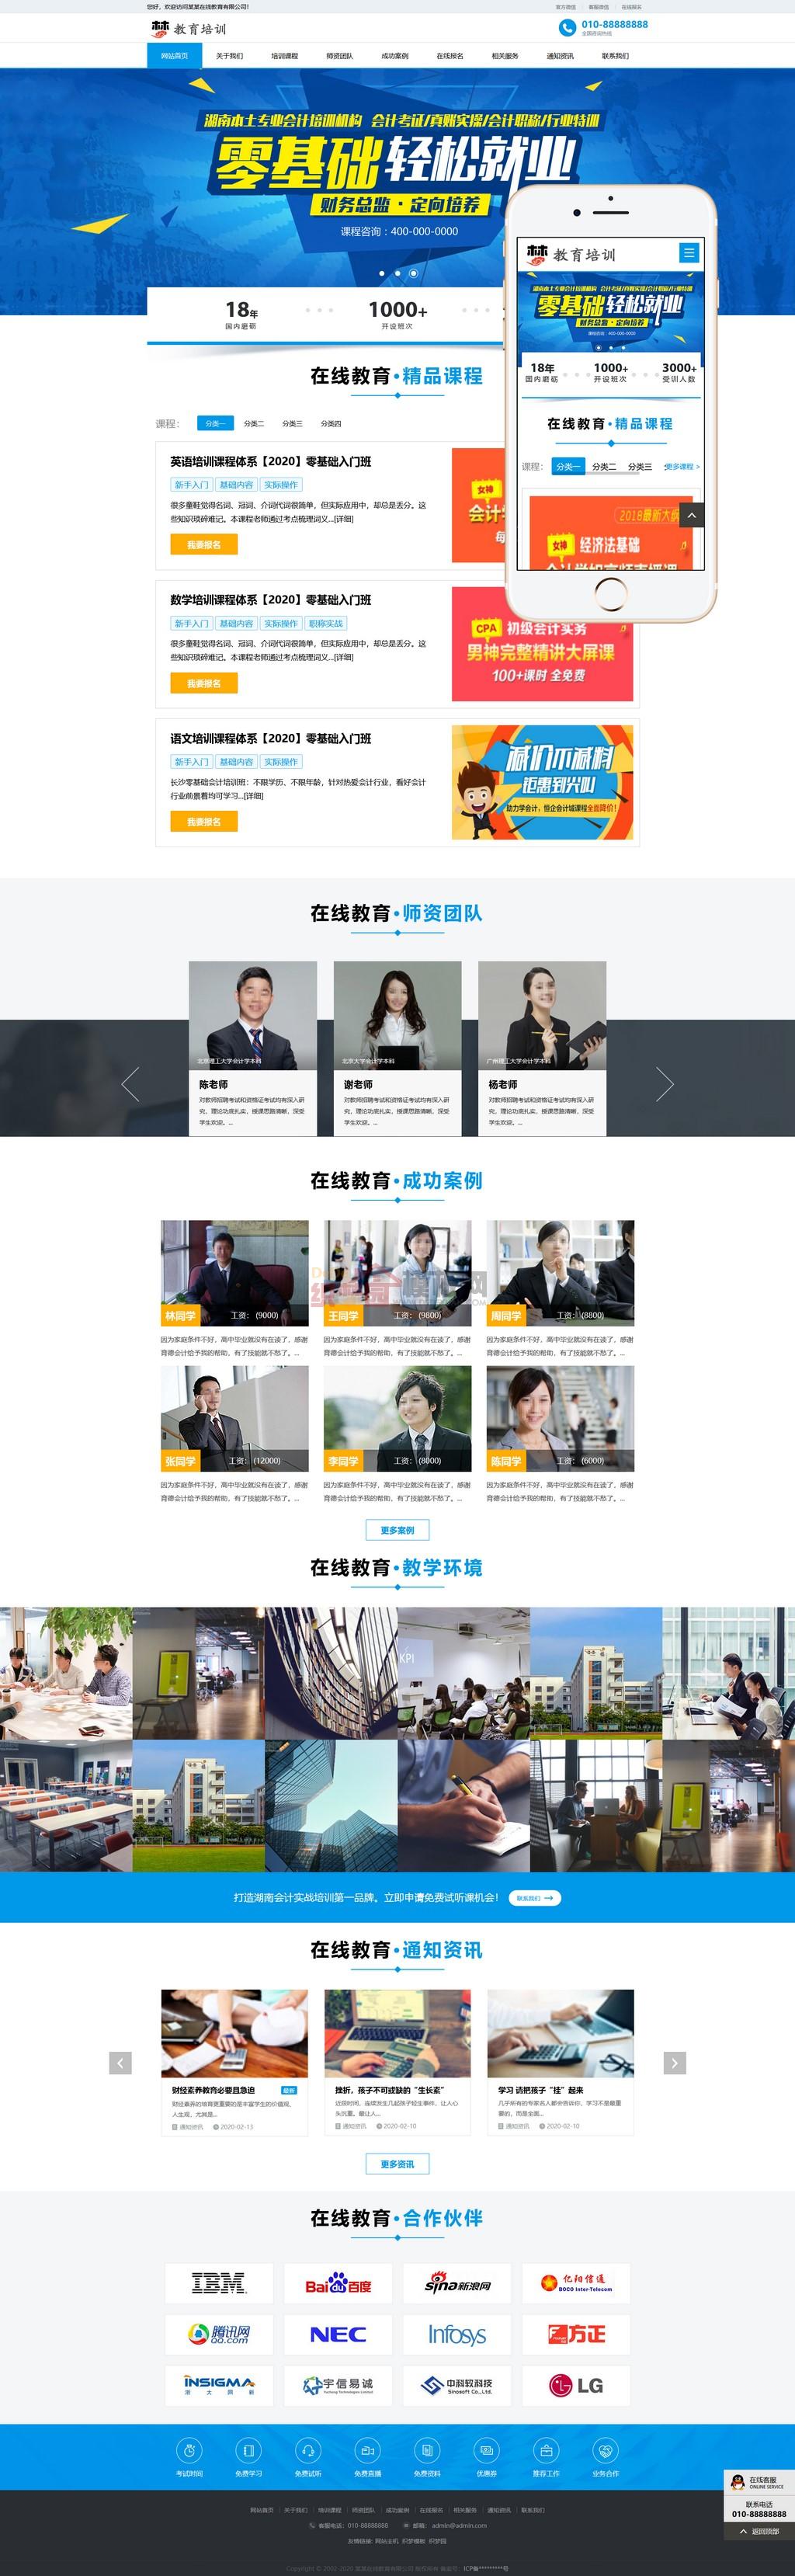 TML5自适应在线教育培训机构类织梦企业模板_响应式在线教育培训机构网站织梦模板